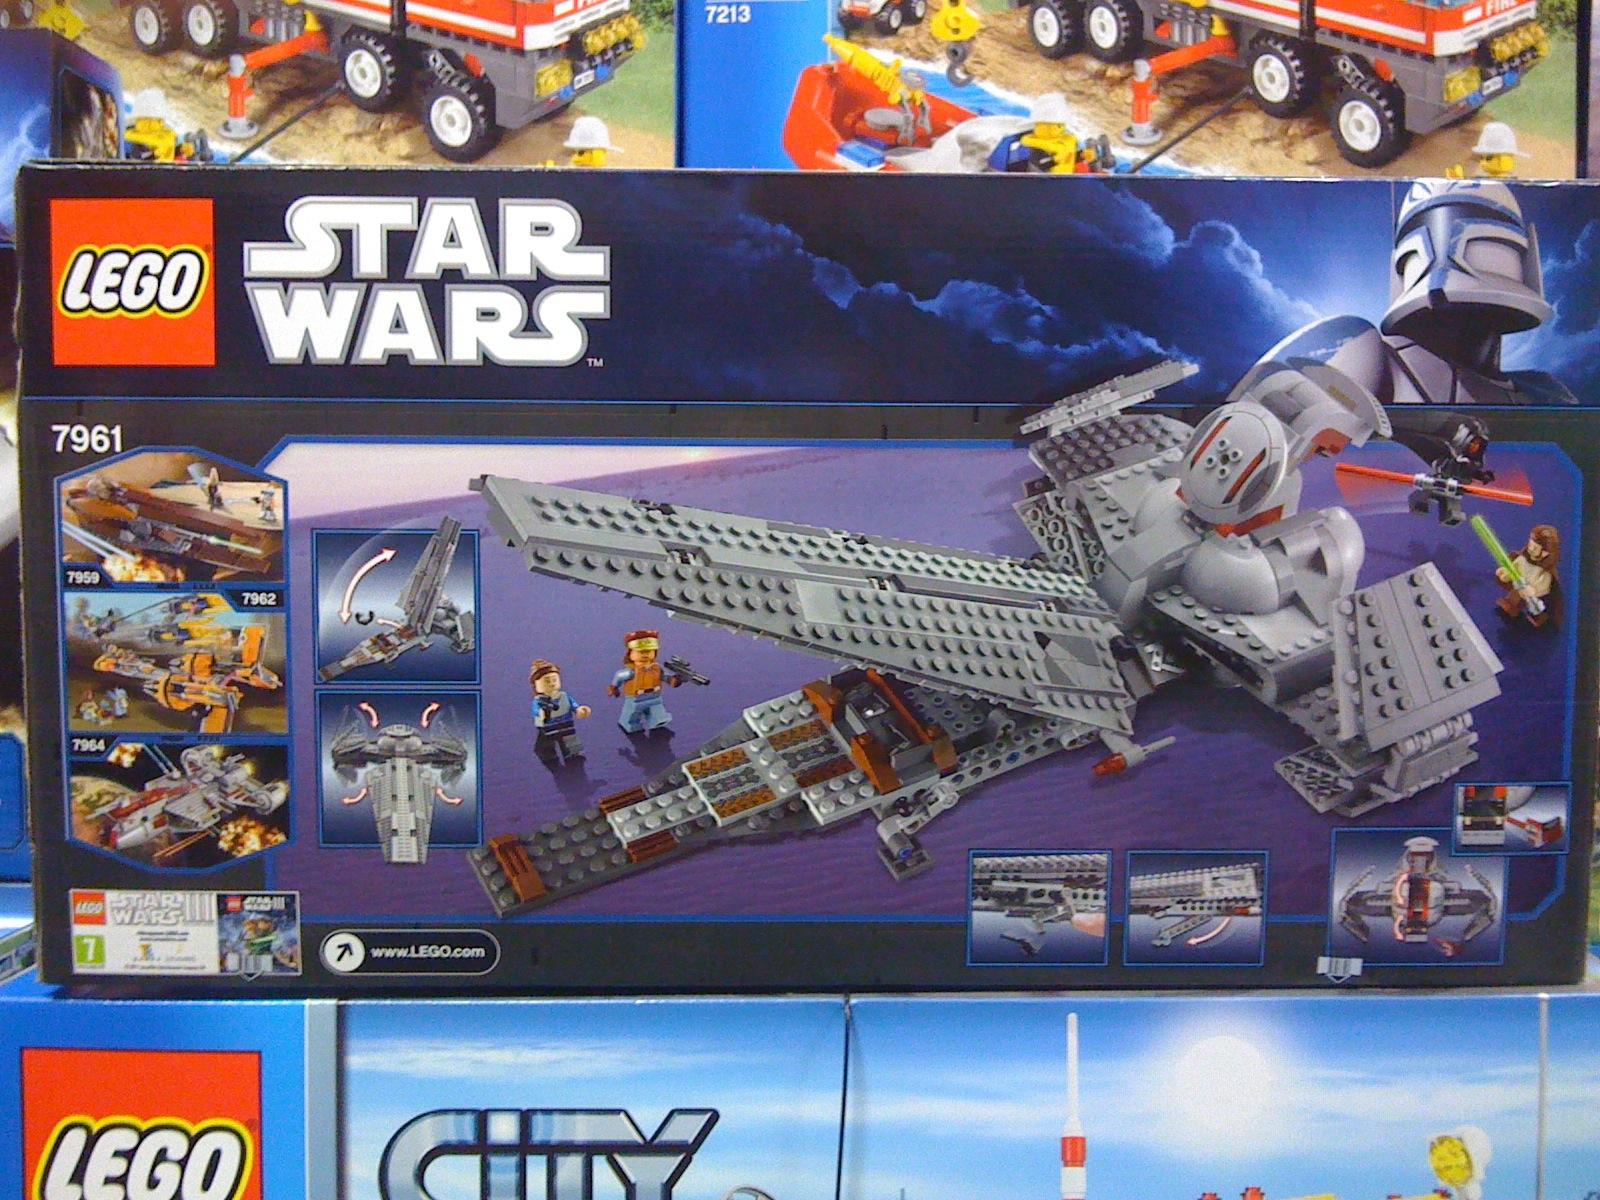 LEGO 7961 Star Wars Darth Maul's Sith Infiltrator Box Back